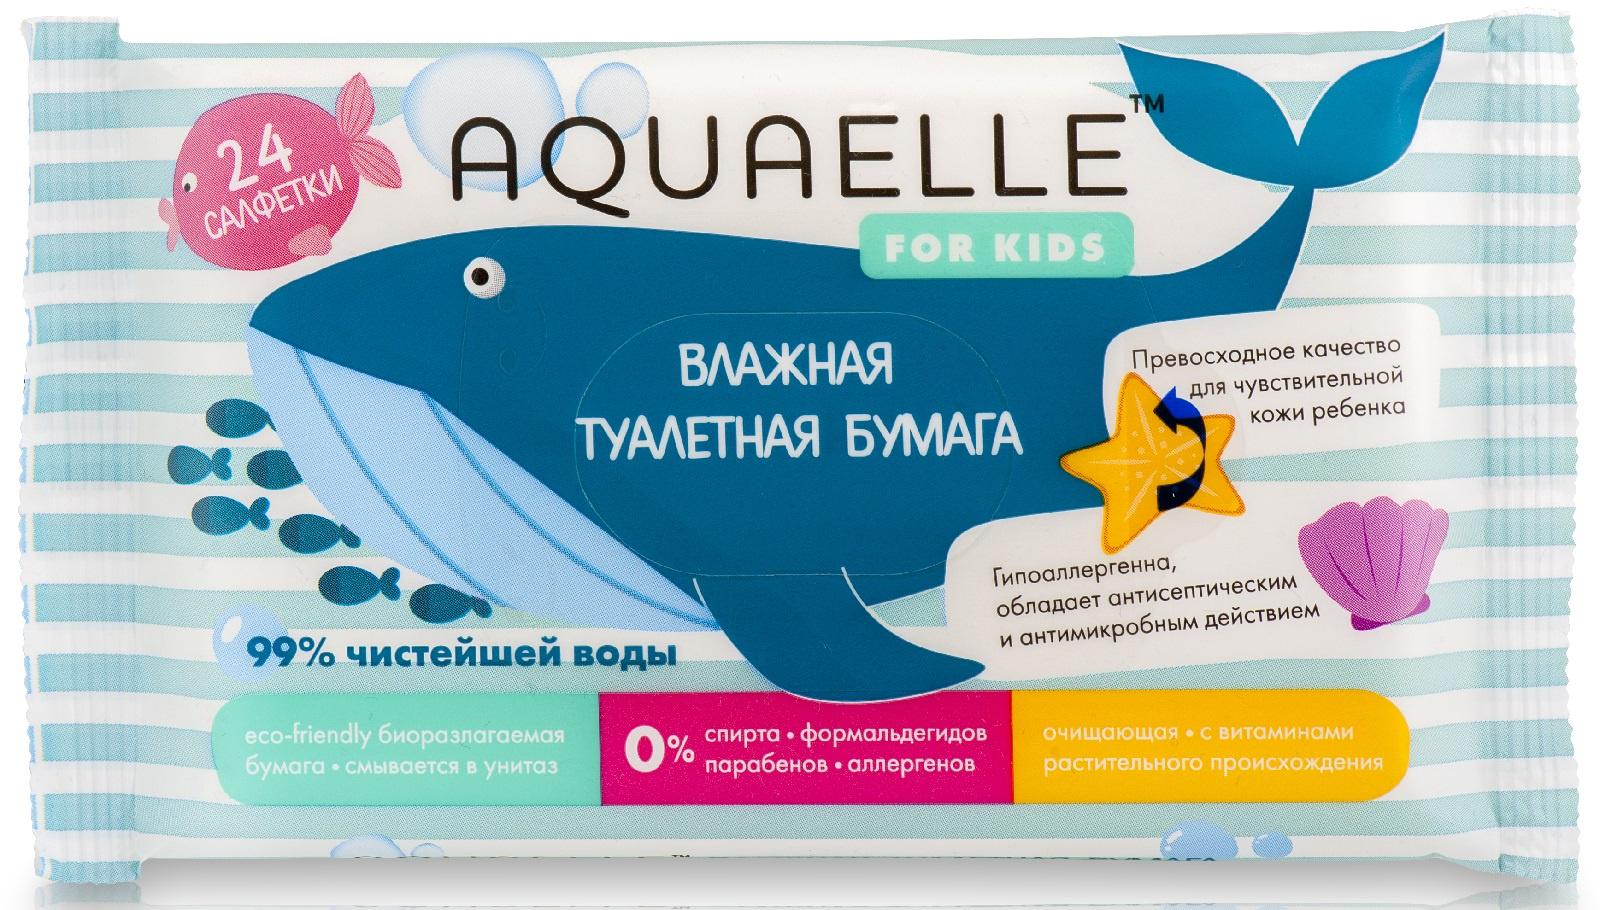 Влажная детская туалетная бумага AQUAELLE for Kids 24 шт.